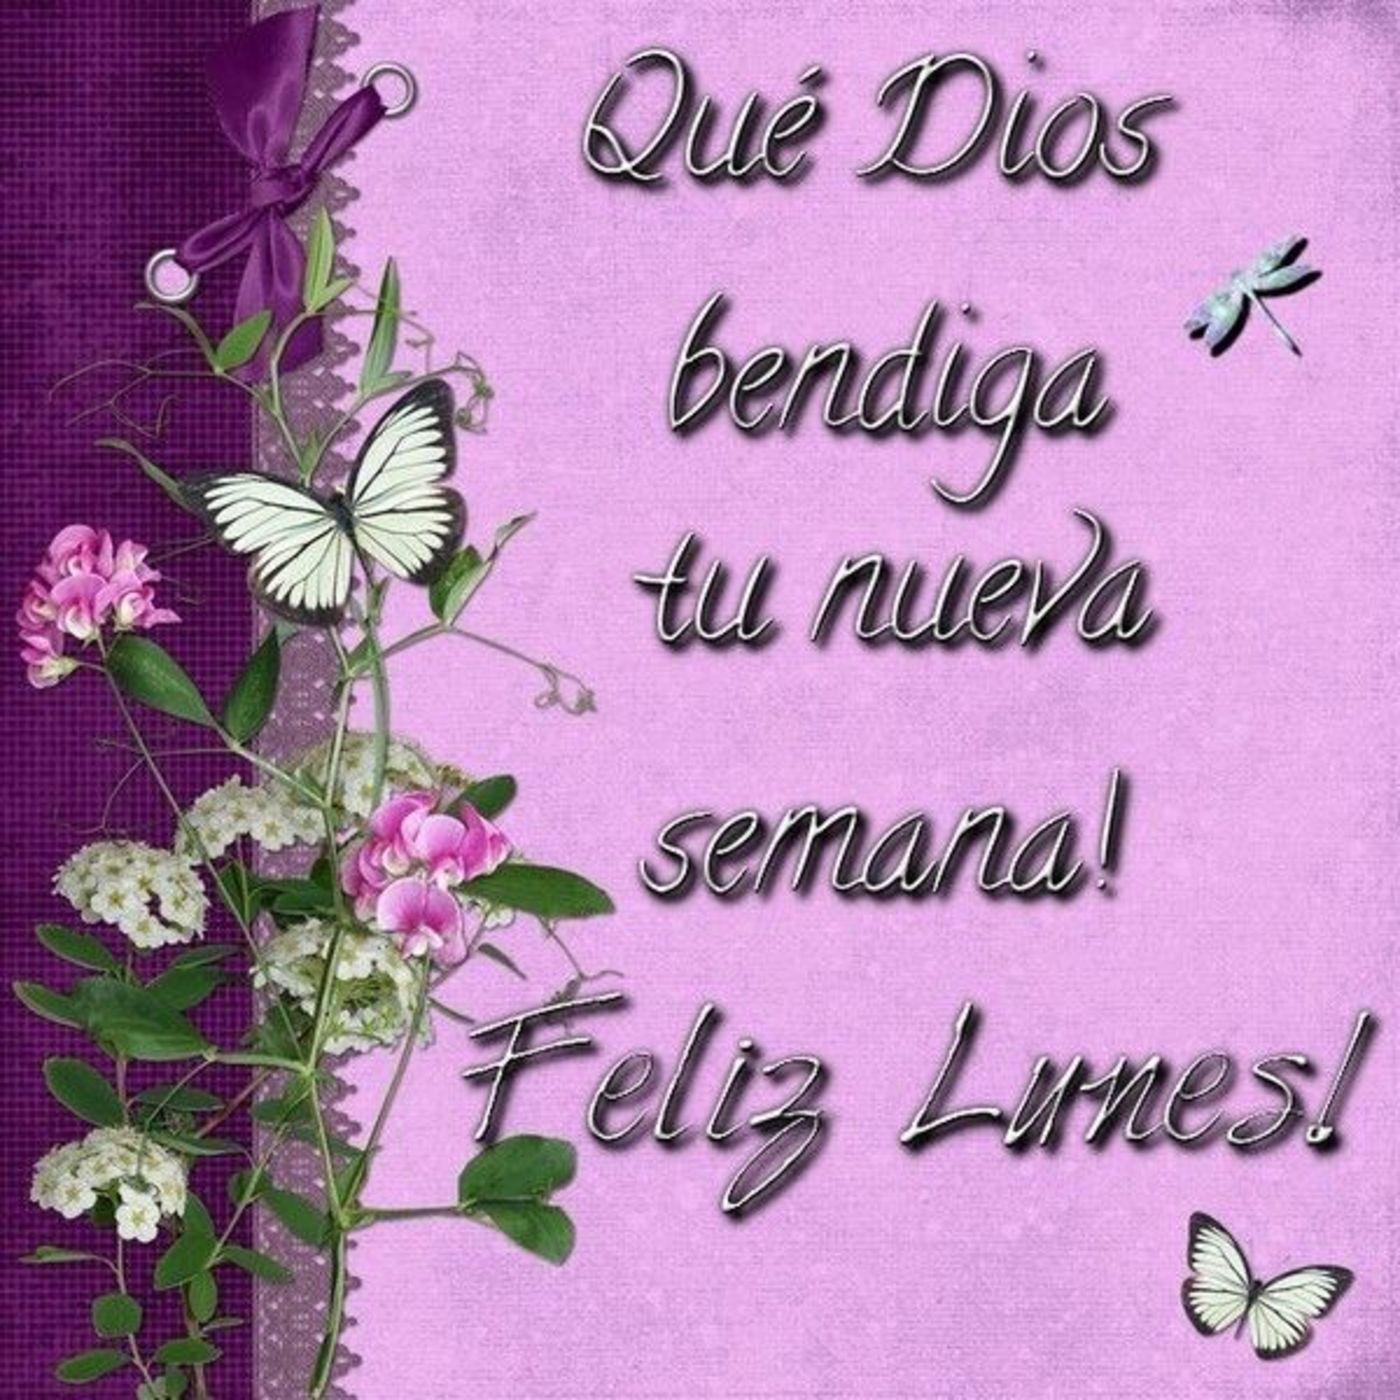 Bonito Lunes Mi Amor feliz lunes dios te bendiga en imágenes con frases para